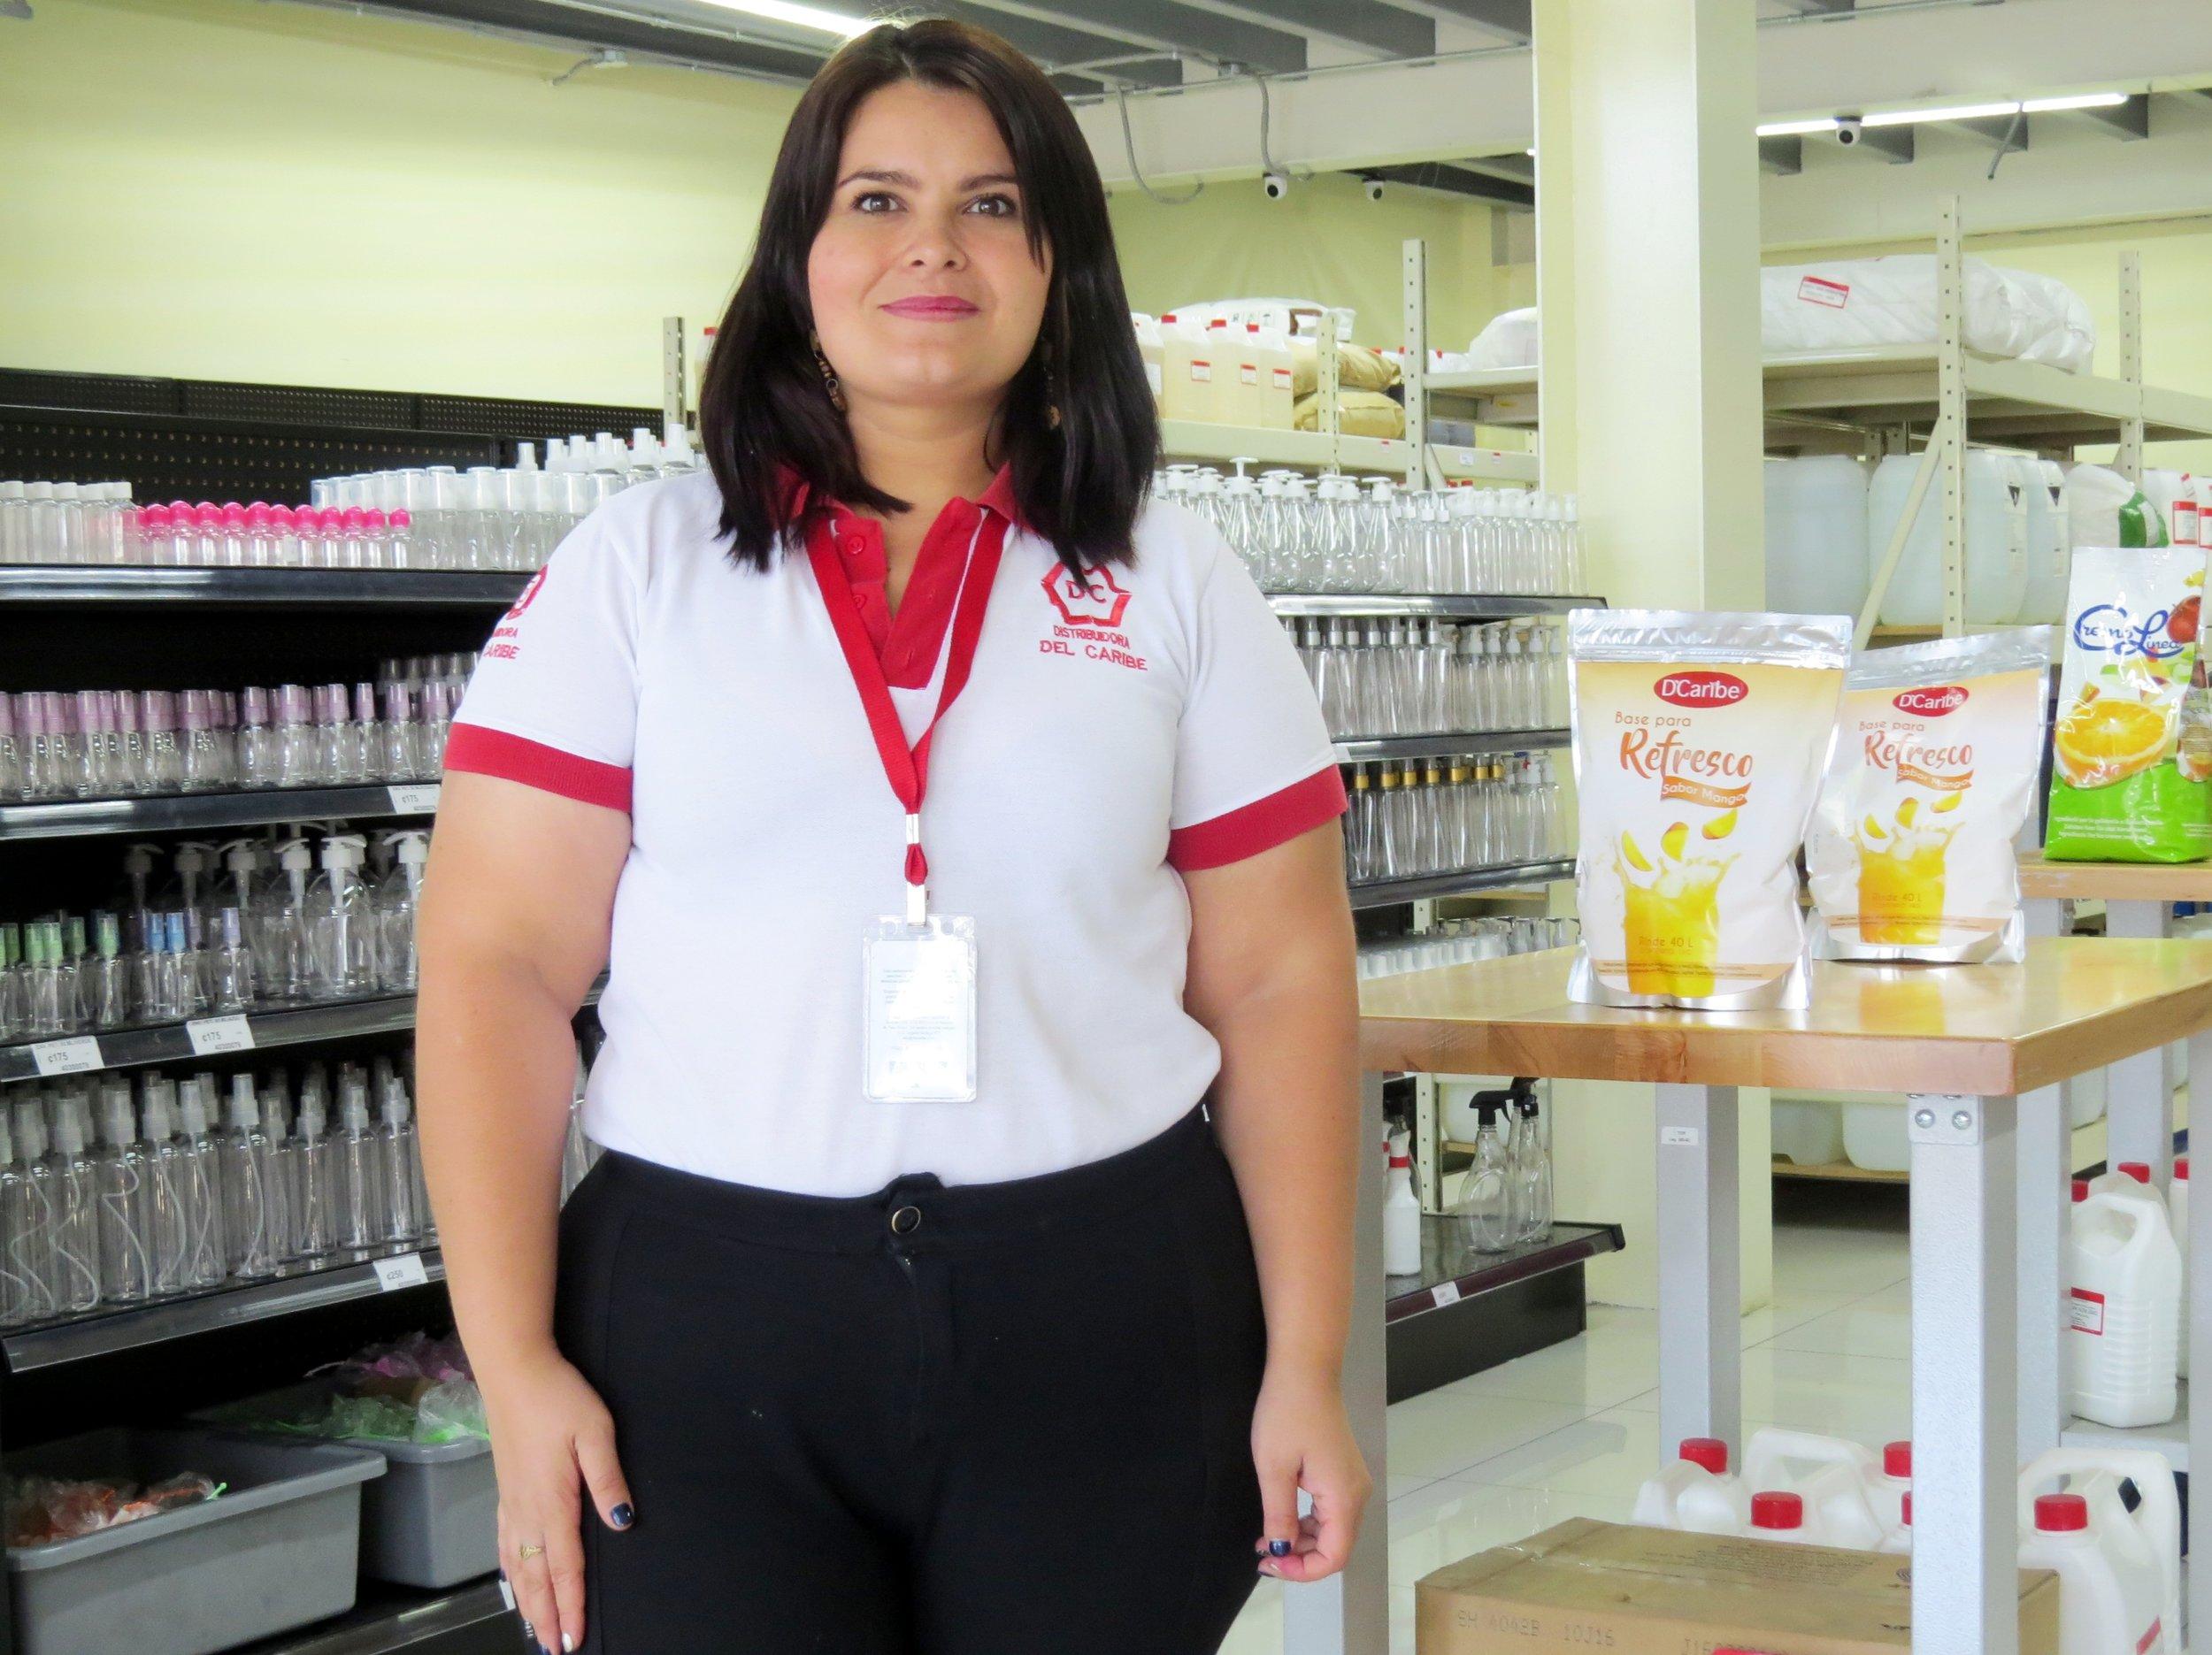 Marjorie Morales, supervisora de tiendas de Distribuidora del Caribe